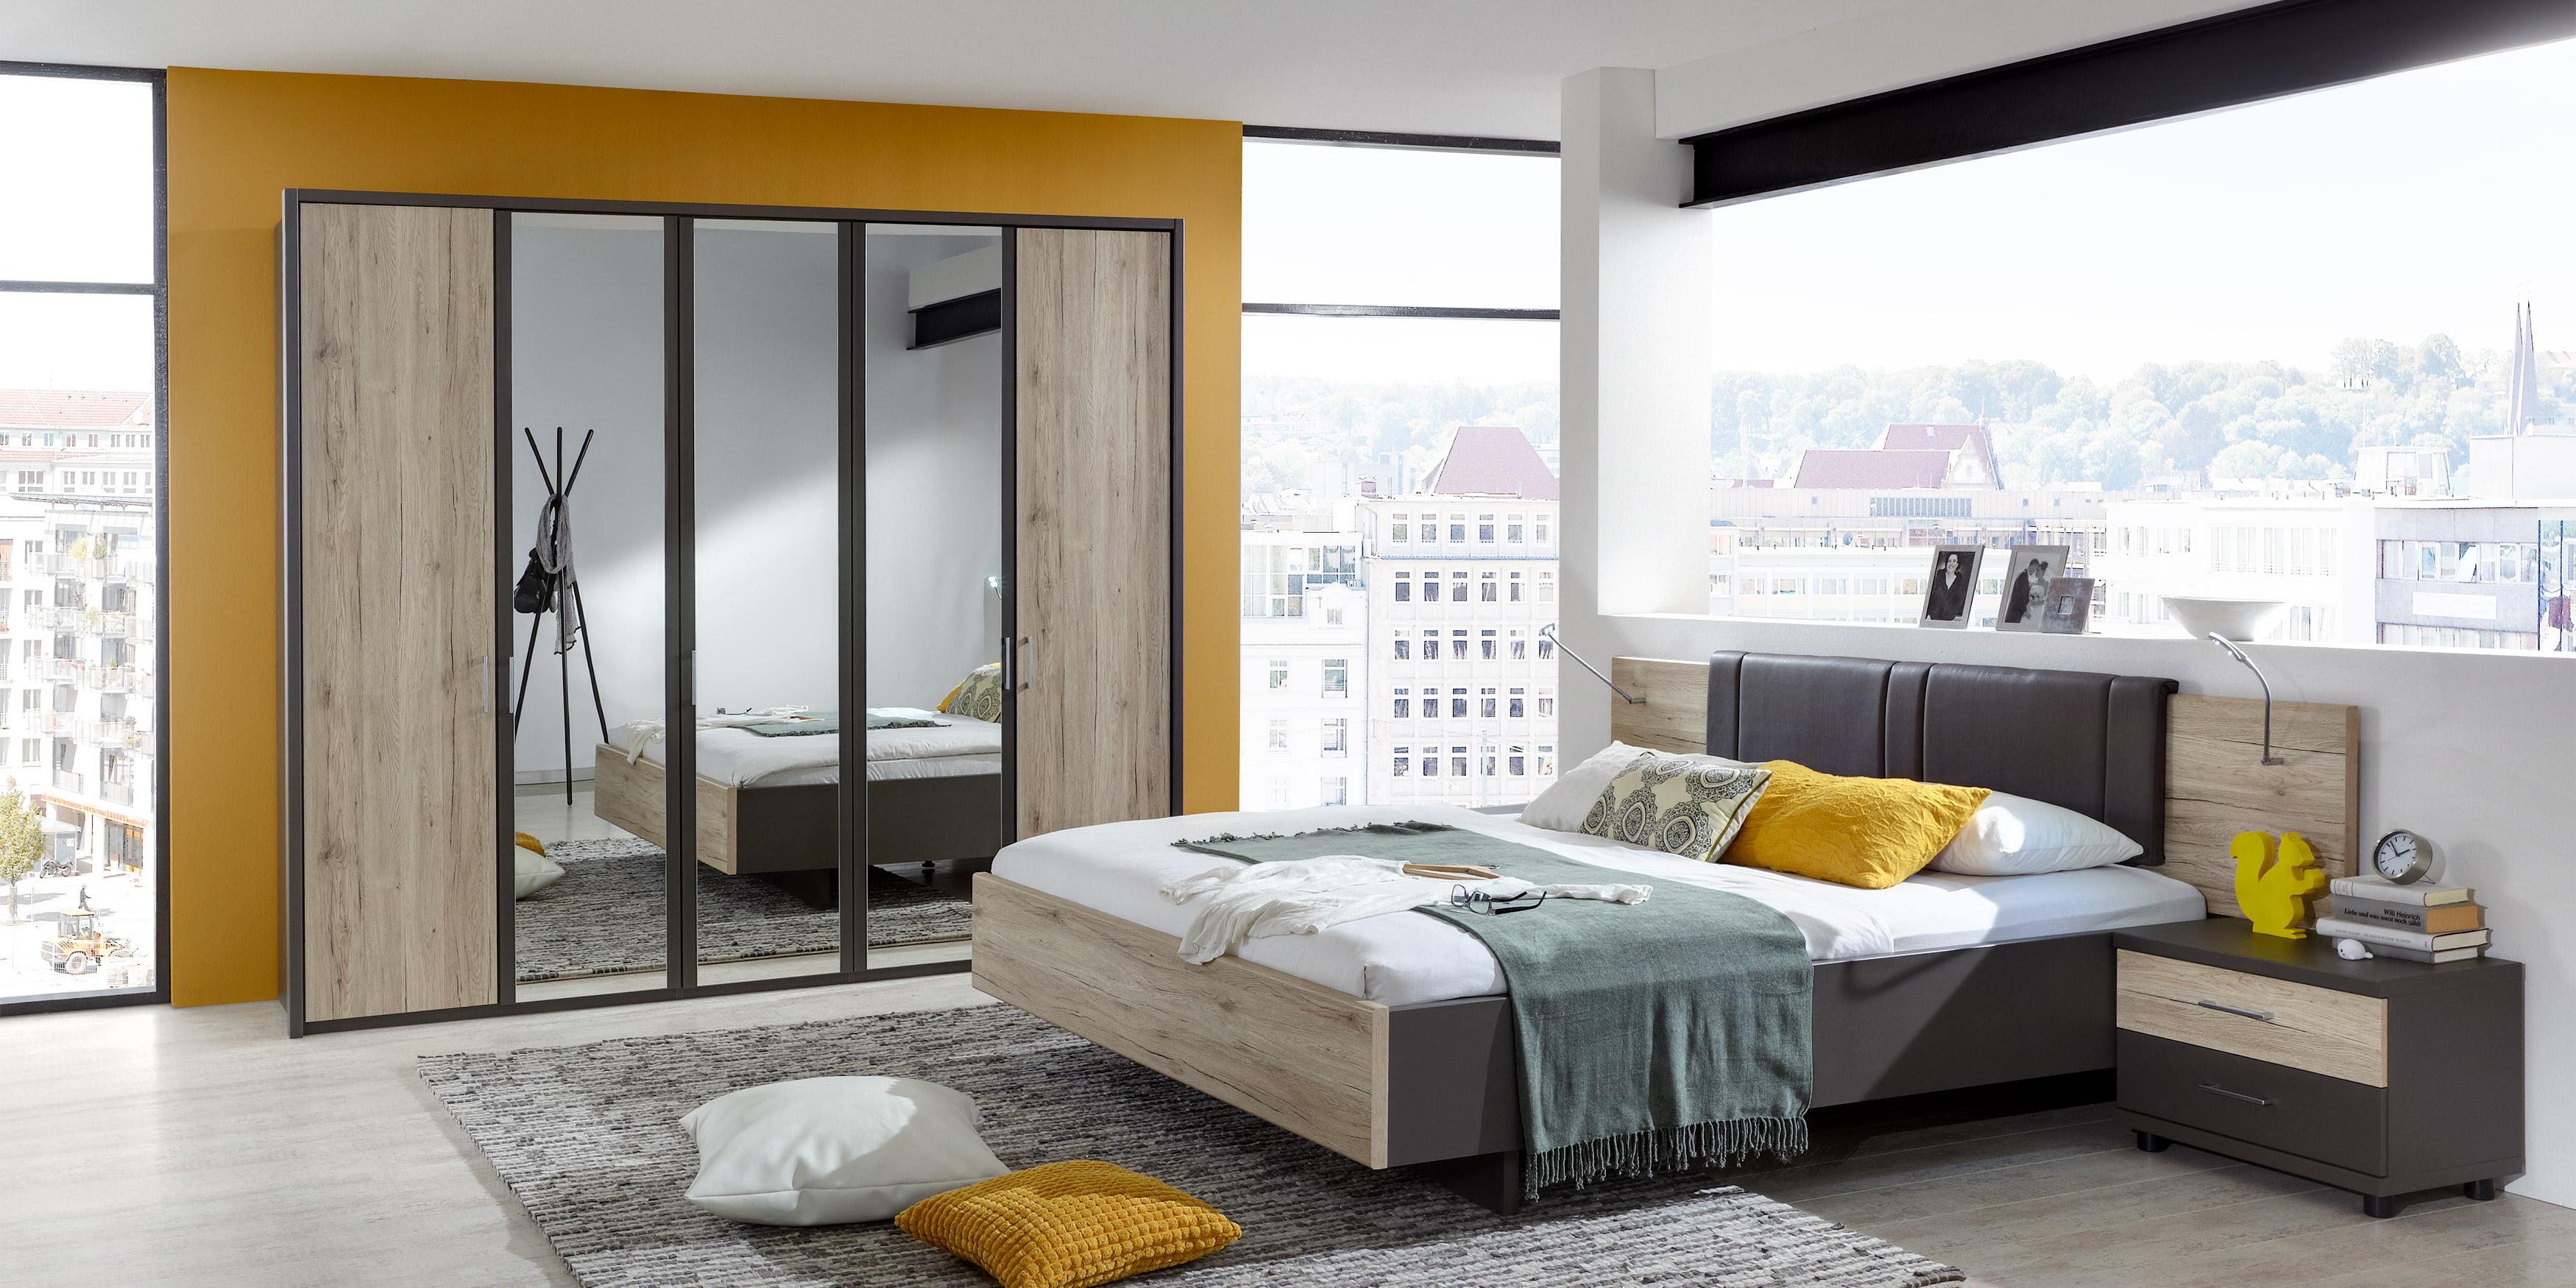 Erleben Sie Das Schlafzimmer Arizona | Möbelhersteller Wiemann